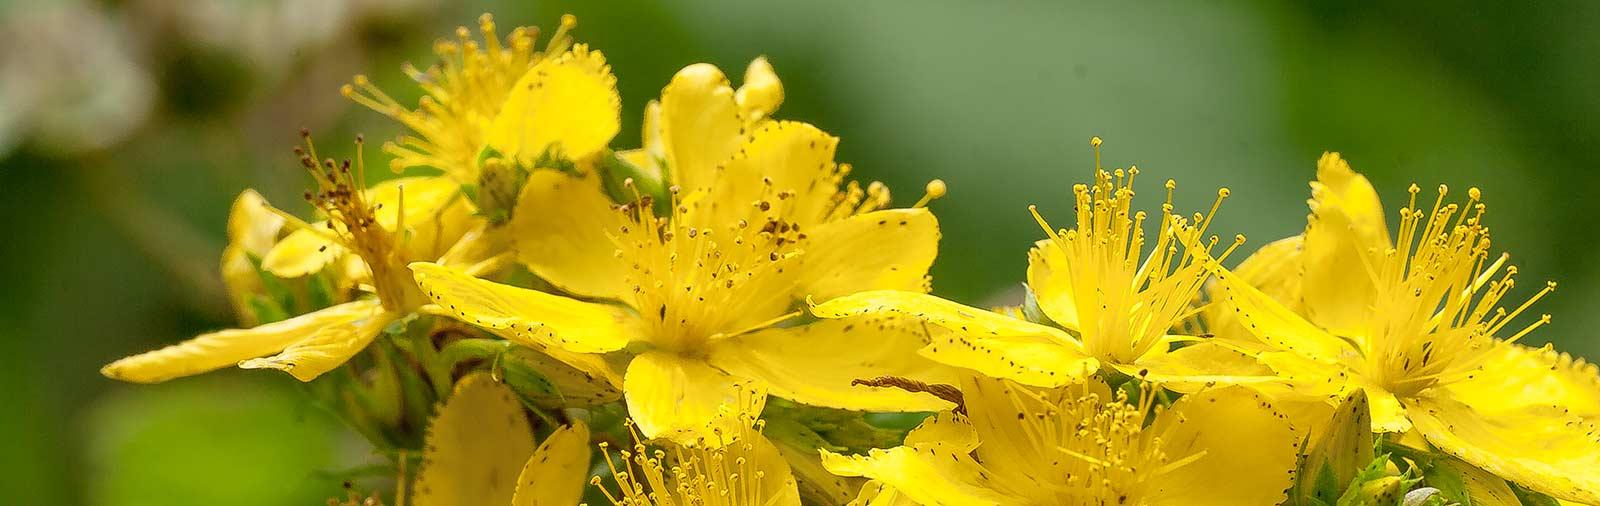 Millepertuis - Hypericum perforatum L.